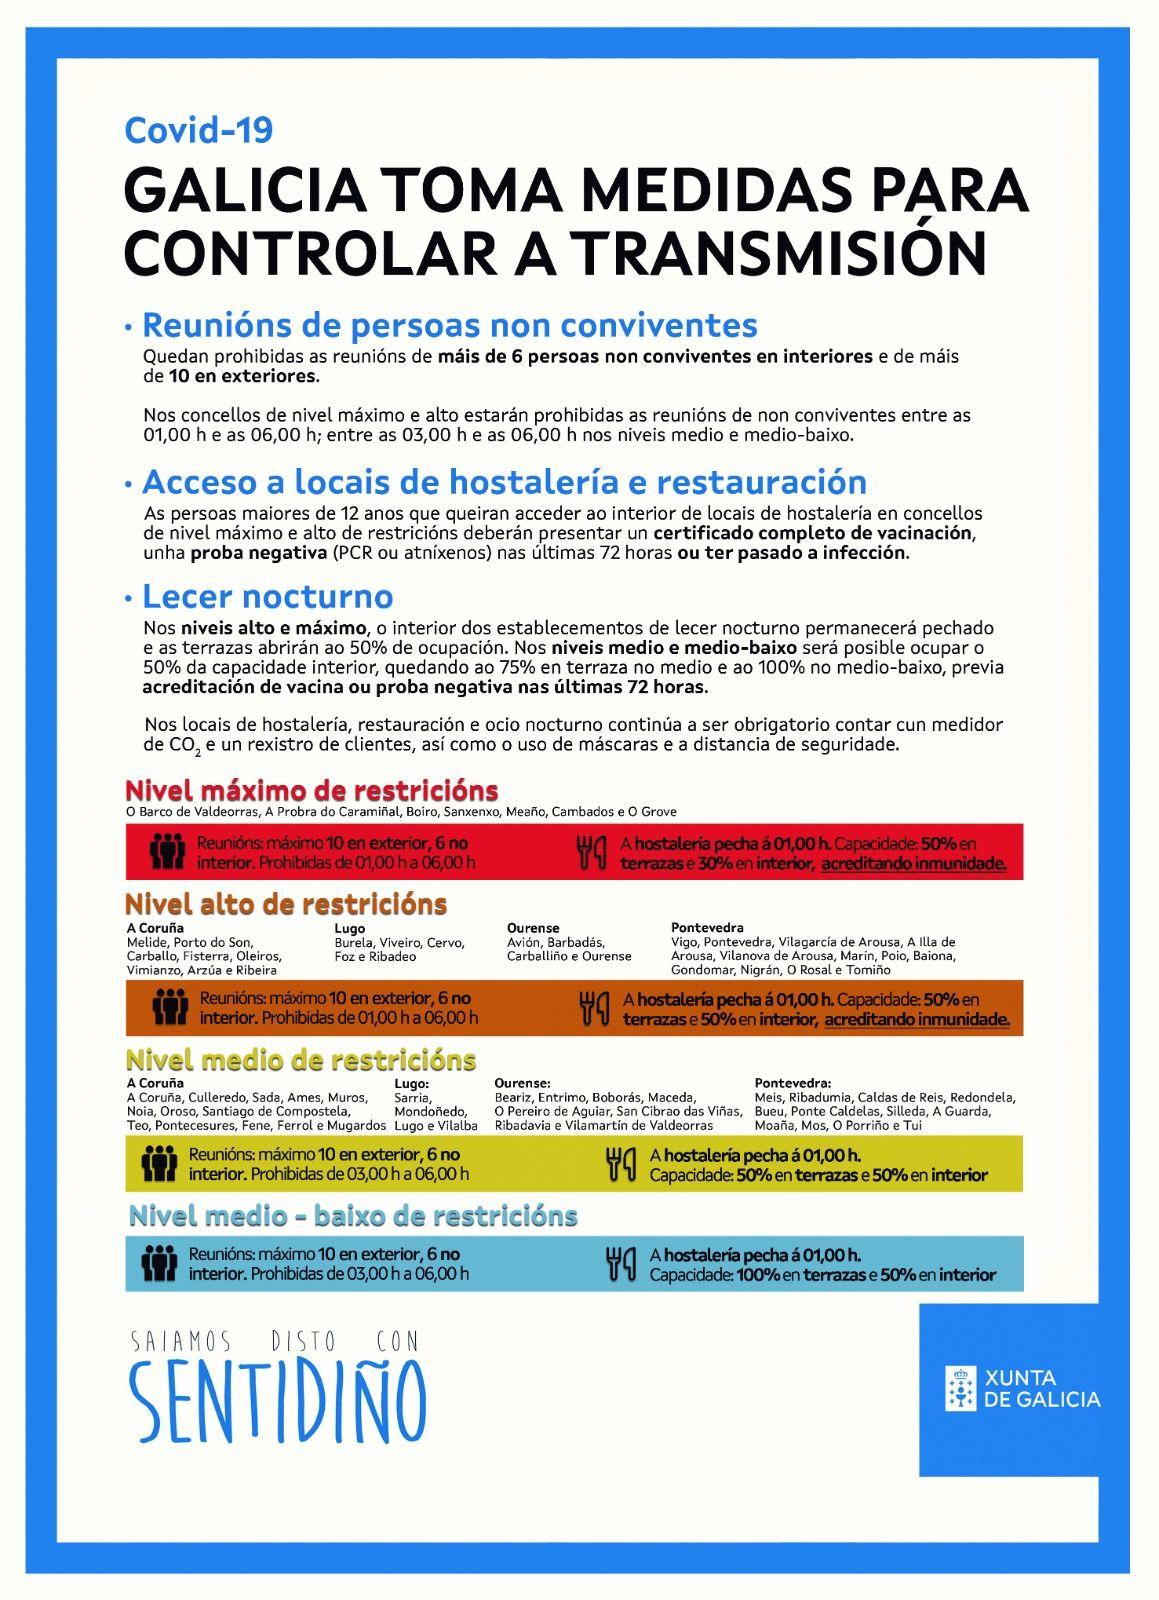 normasxuntagalicia240721.jpg